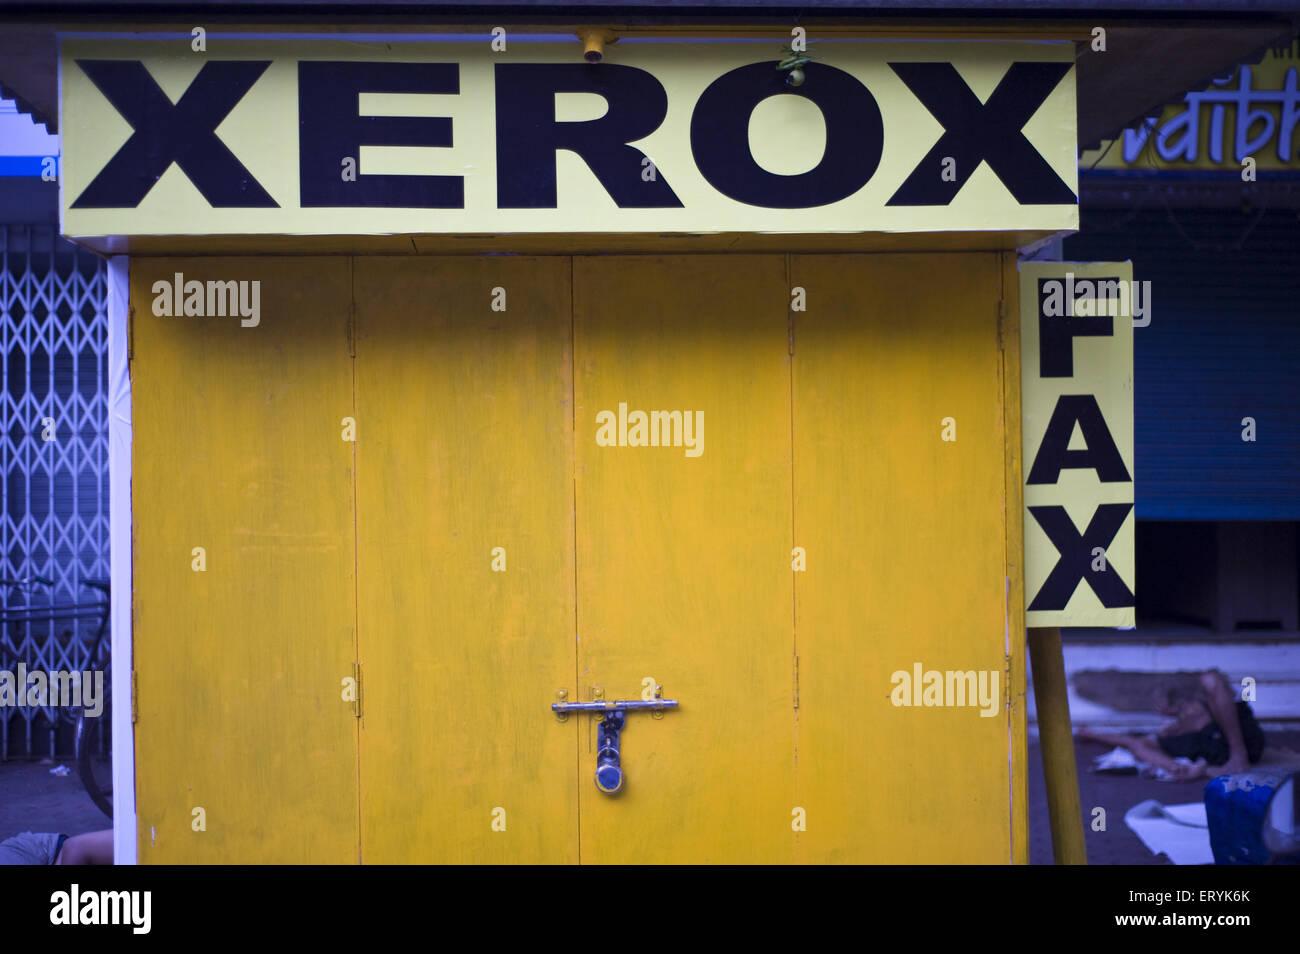 Xerox And Fax Shop In Mumbai At Maharashtra India  Stock Image